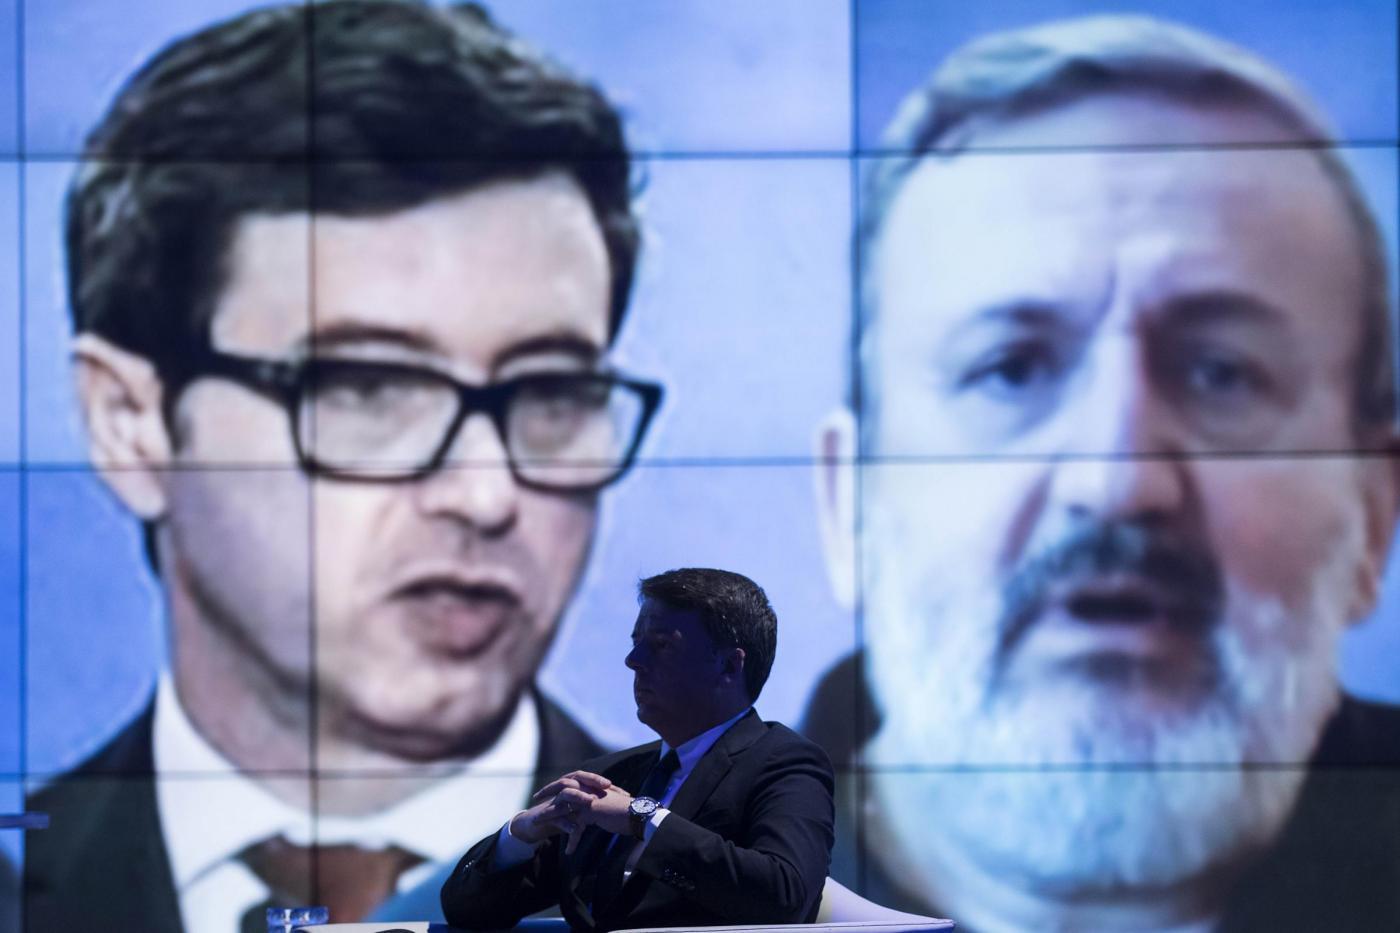 Primarie pd 2017 rinvio ricorso - candidati alla segreteria